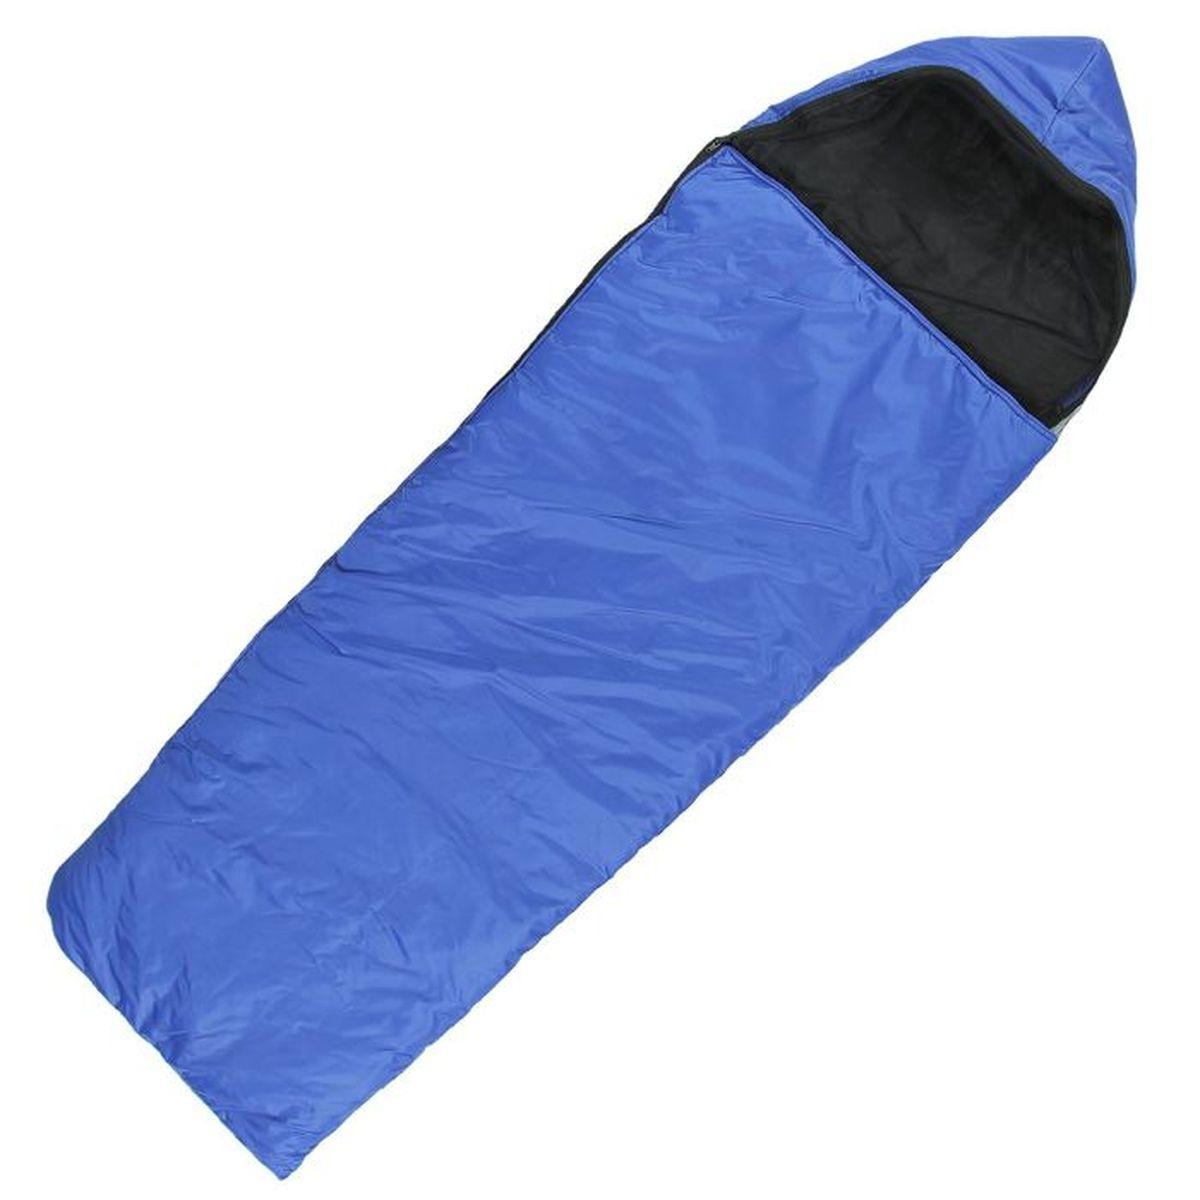 Спальный мешок Onlitop Люкс, цвет: синий, правосторонняя молния. 1135991010-01199-23Комфортный, просторный и очень теплый 3-х сезонный спальник предназначен для походов и для отдыха на природе не только в летнее время, но и в прохладные дни весенне-осеннего периода. В теплое время спальный мешок можно использовать как одеяло (в том числе и дома).